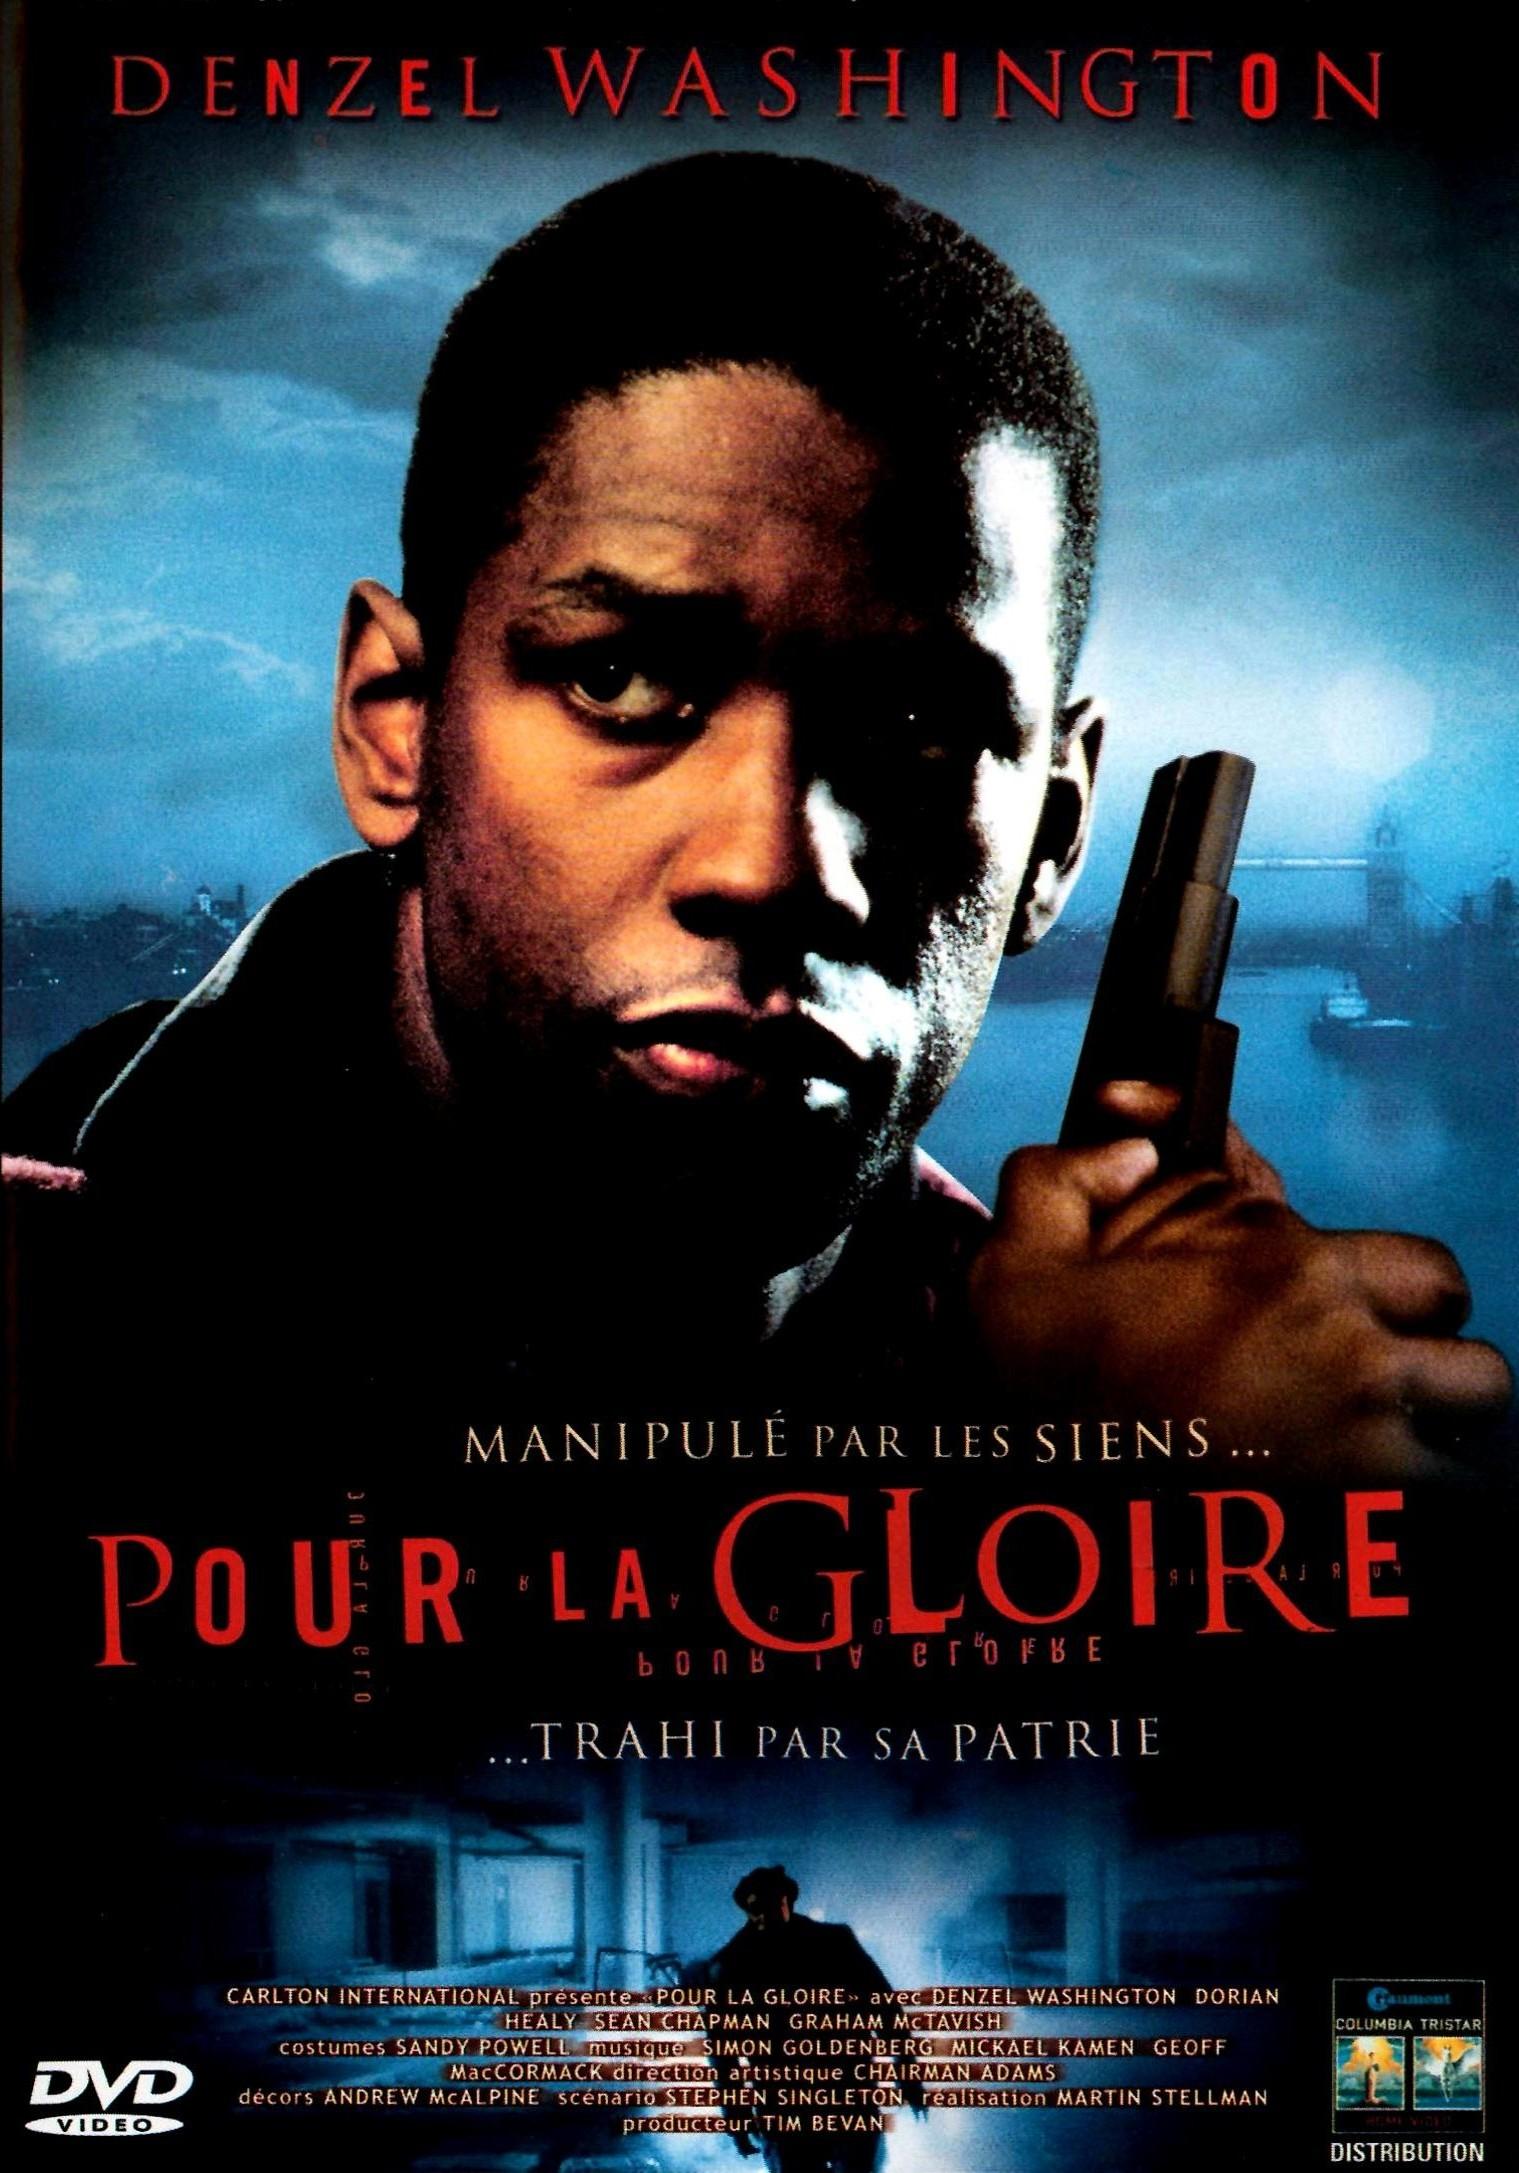 affiche du film Pour la gloire